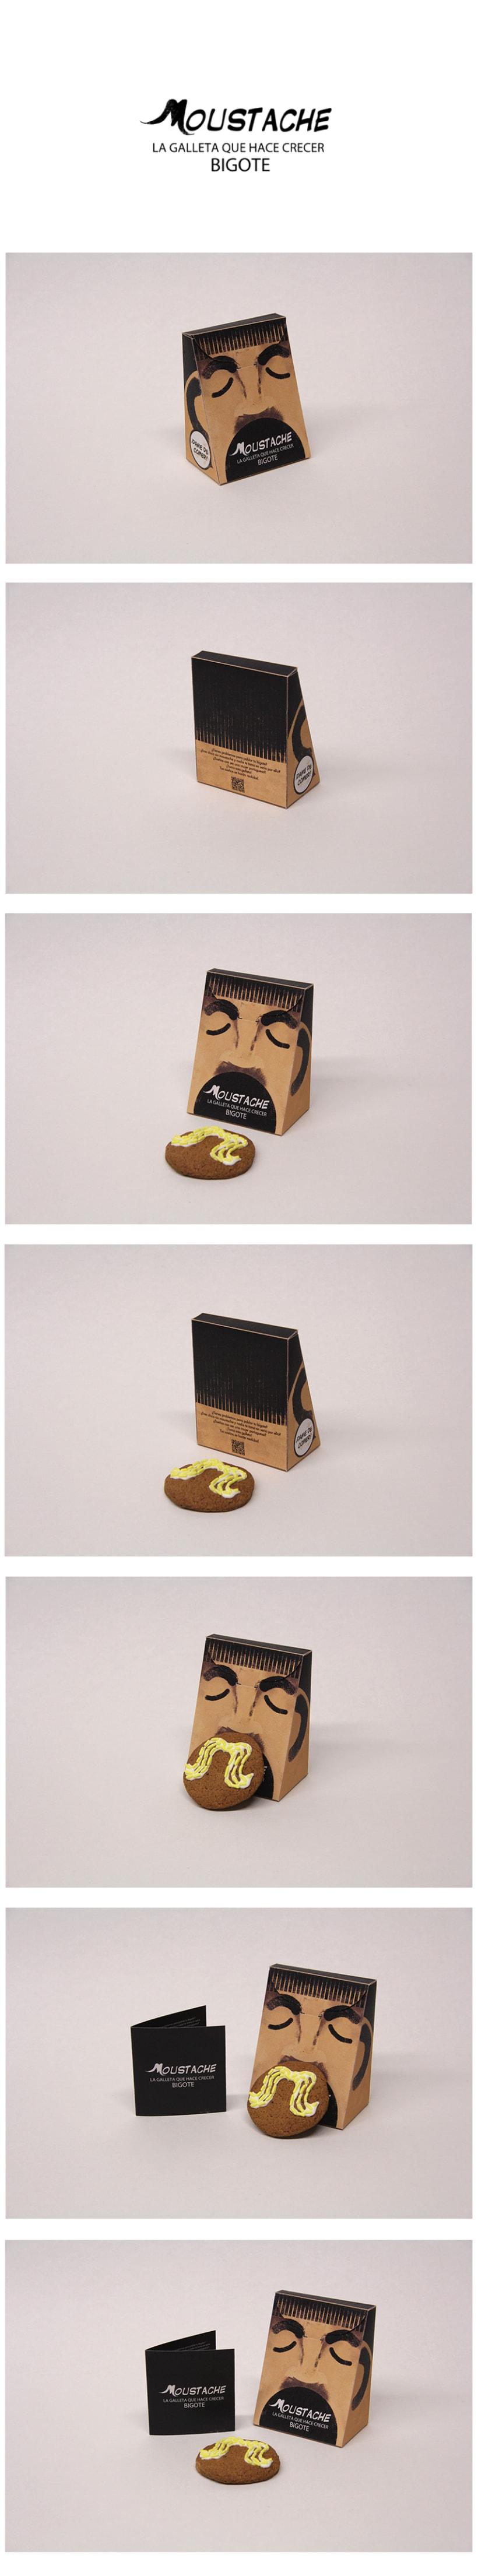 Caja de Galletas Moustache -1